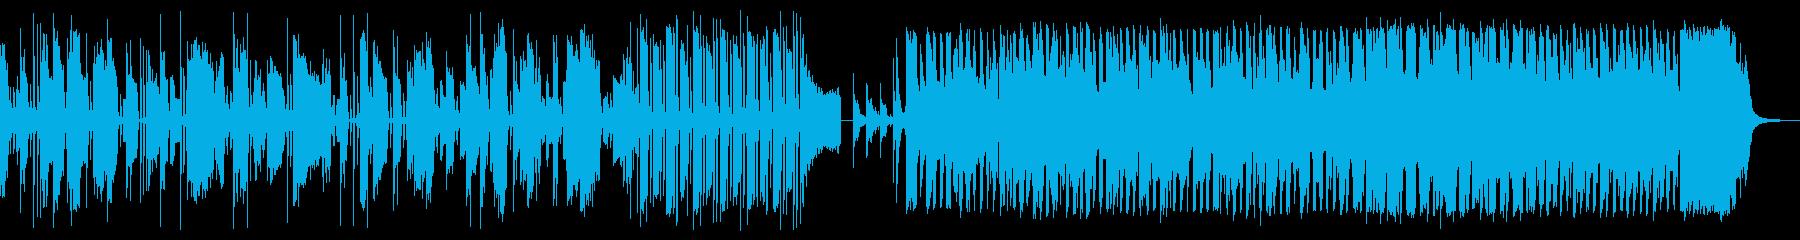 レトロでポップなマッシブ・エレクトロニカの再生済みの波形